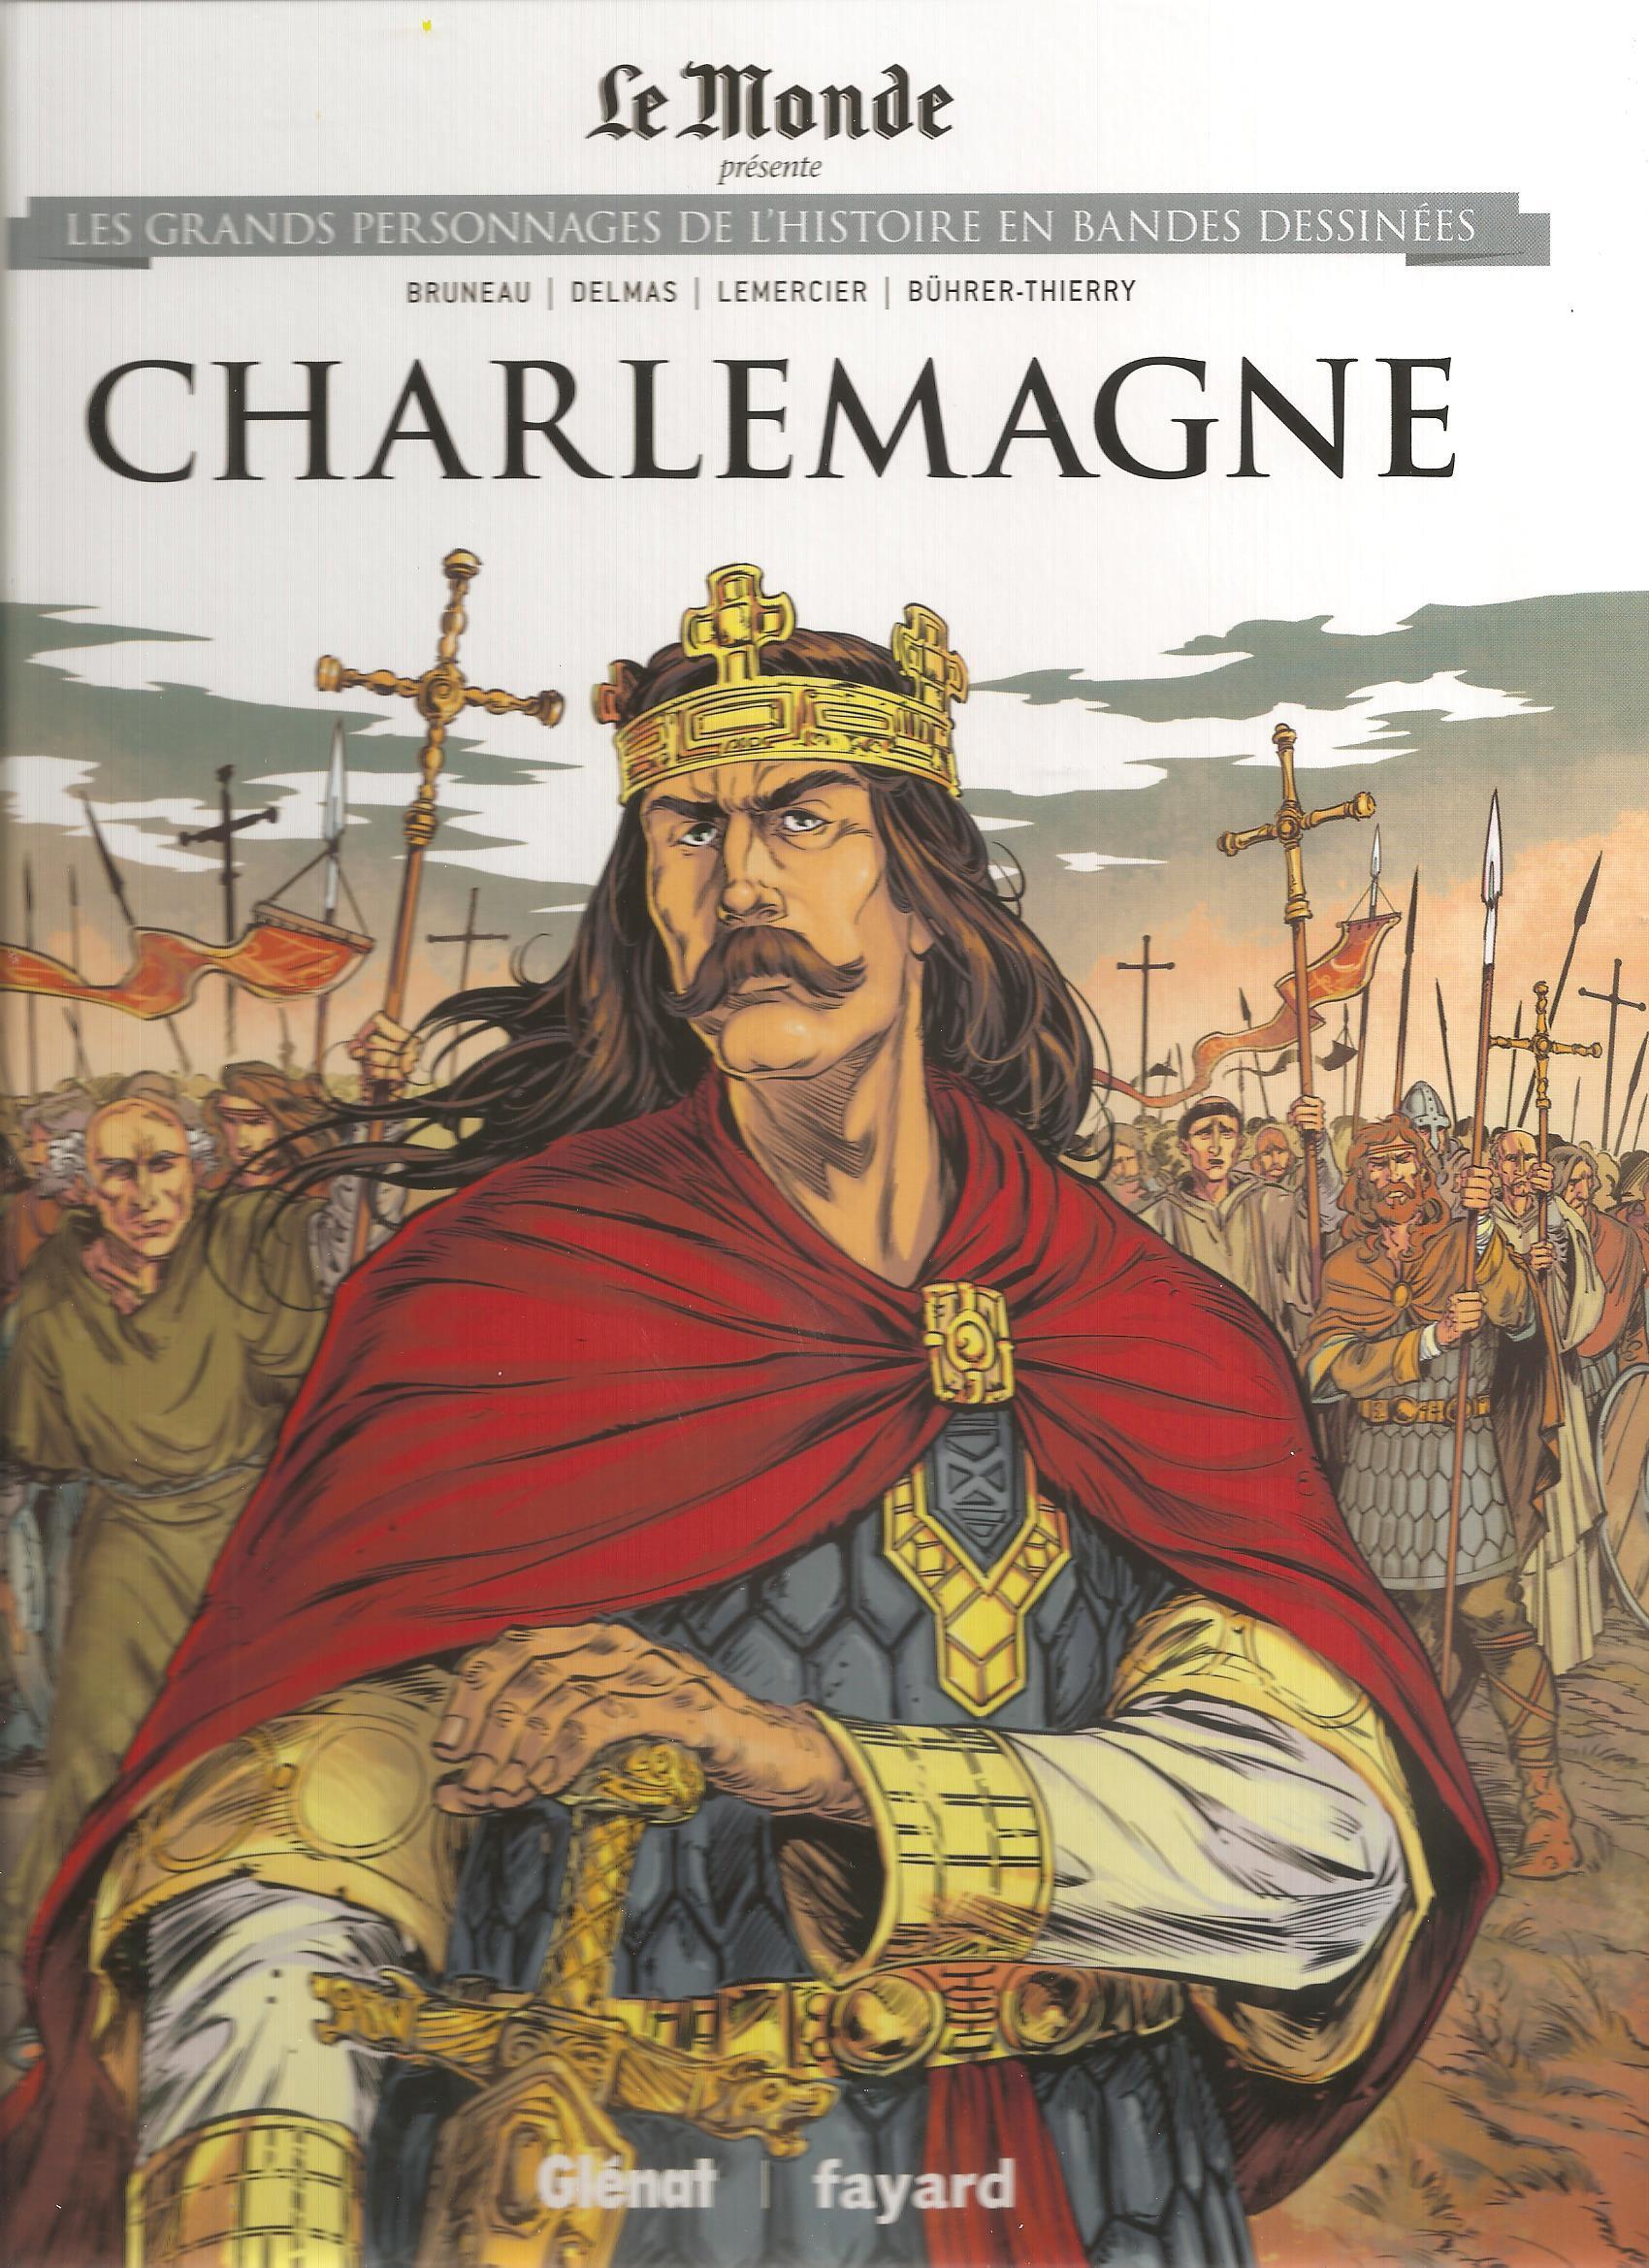 Les grands personnages de l'histoire en bandes dessinées 3 - CHARLEMAGNE